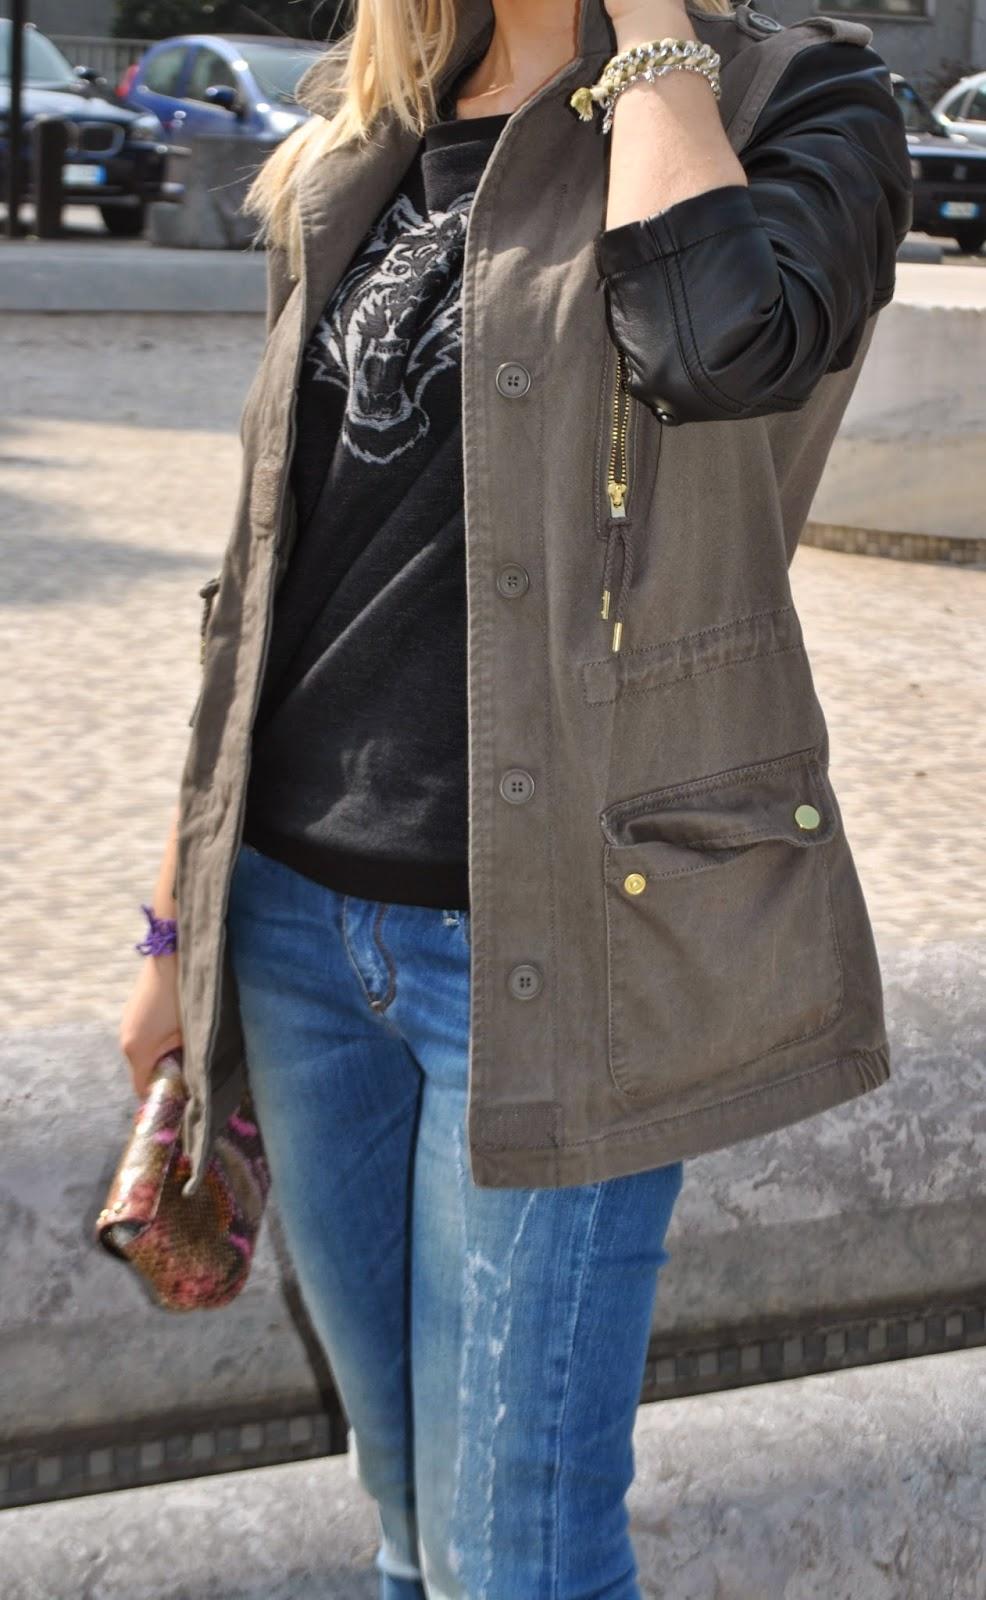 outfit casual parka verde militare con maniche in pelle felpa pimkie stivali buffalo borsa lobra occhiali da sole carrera anello stroili oro fashion blogger italiane milano outfit marzo 2014 outfit primaverili colorblock by felym blog di mariafelicia magno mariafelicia magno blogger di colorblock by felym  outfit jeans e tacchi abbinamenti jeans e tacchi jeans e stivali outfit stivali e jeans